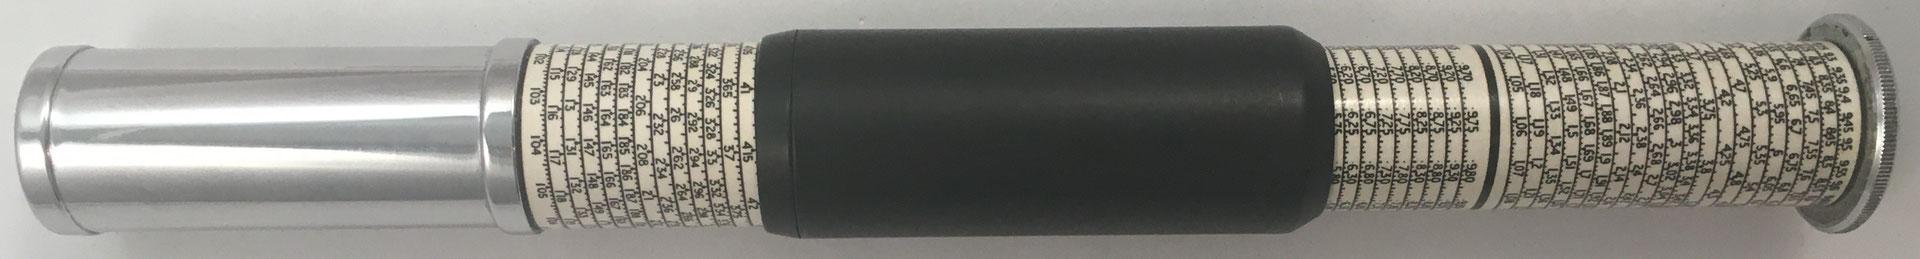 OTIS KING'S Poket Calculator, Modelo L tipo IXb, escalas nº 429 y nº 430, s/n S3692, made in England, año 1958, 3 cm diámetro (longitud: 15 cm cerrada, 26 cm desplegada), ,  (precio estimado: 100€)